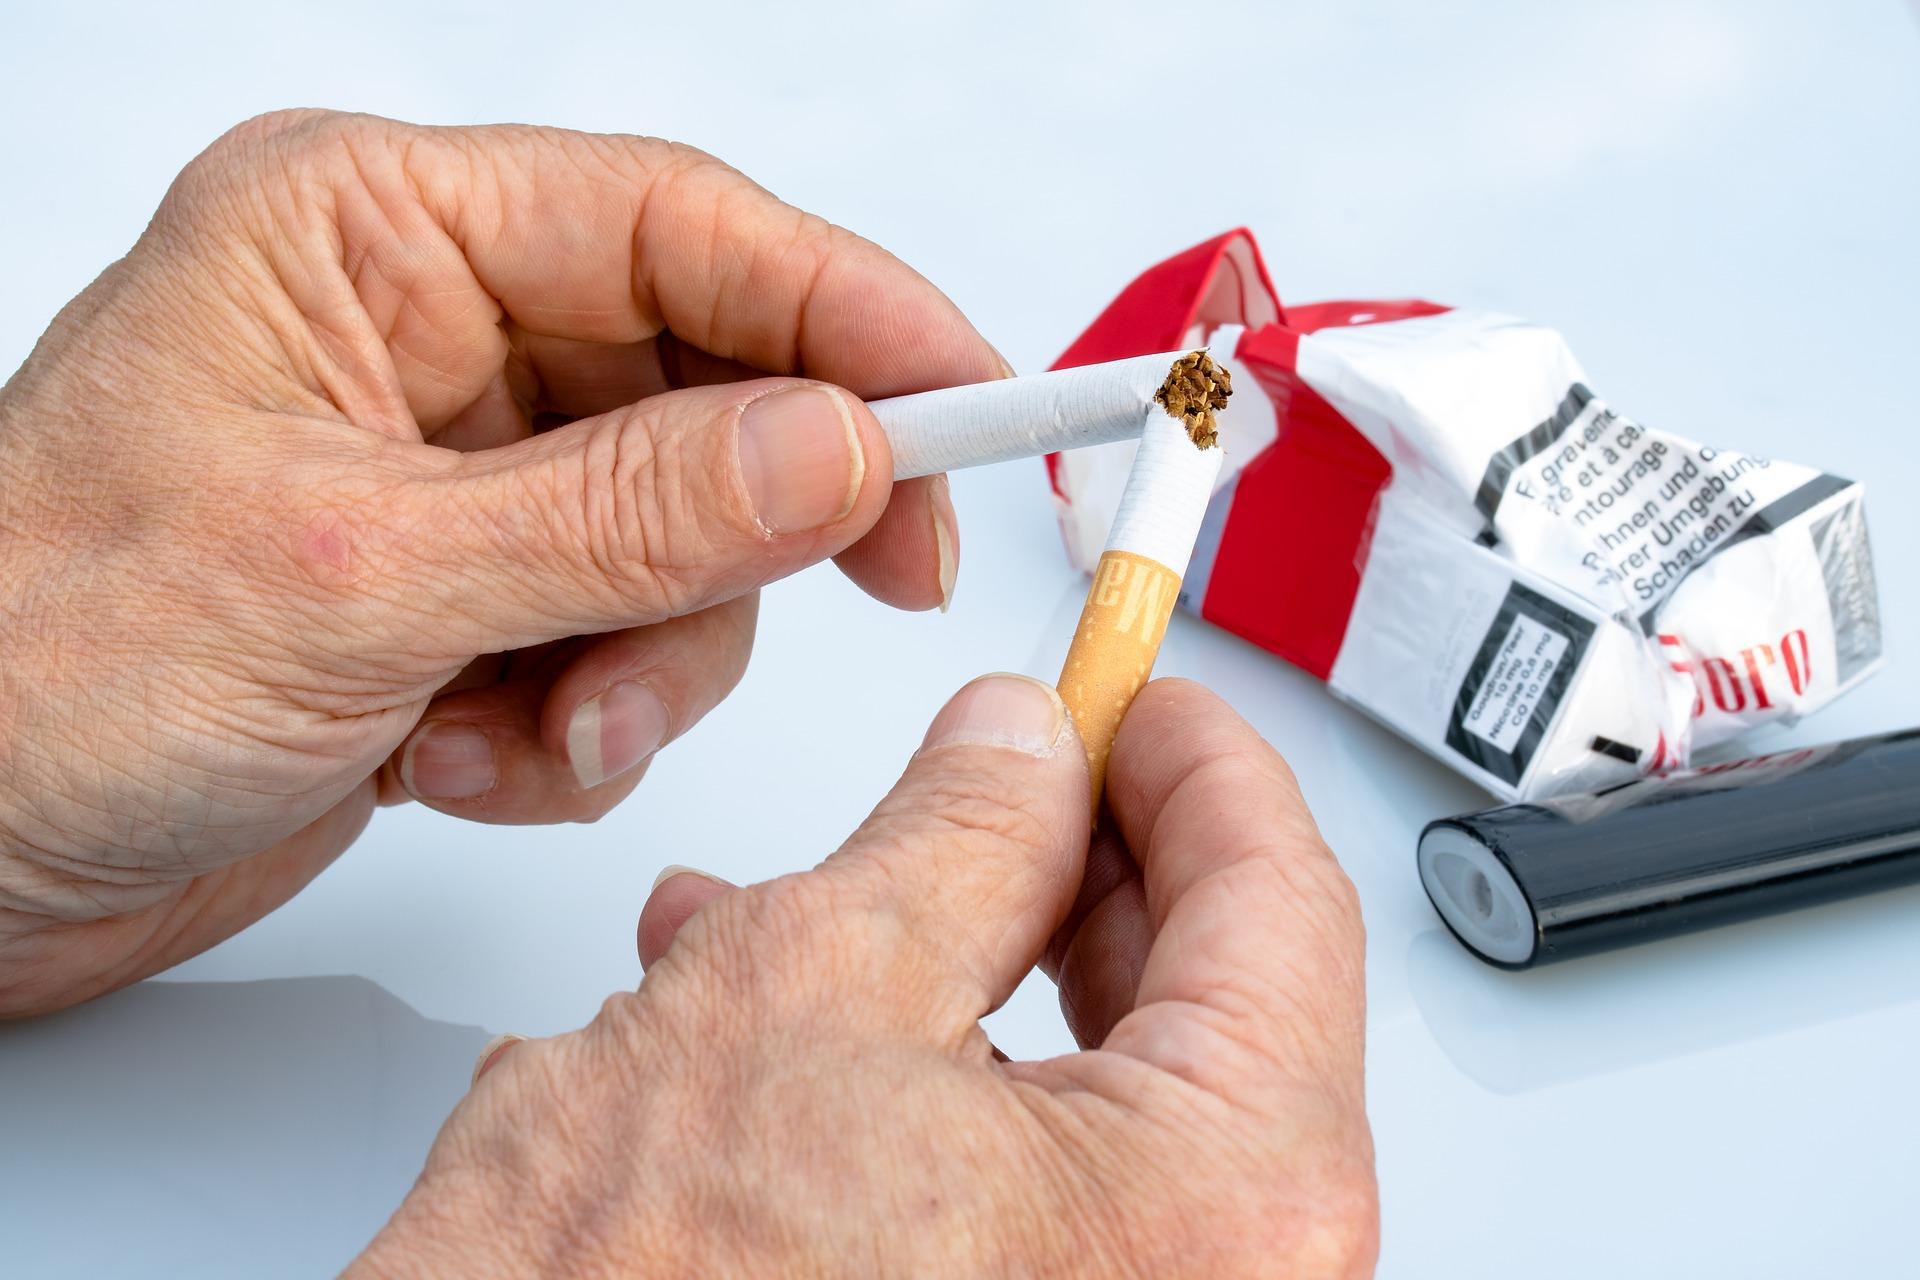 come smettere di fumare benefici giorno per giorno